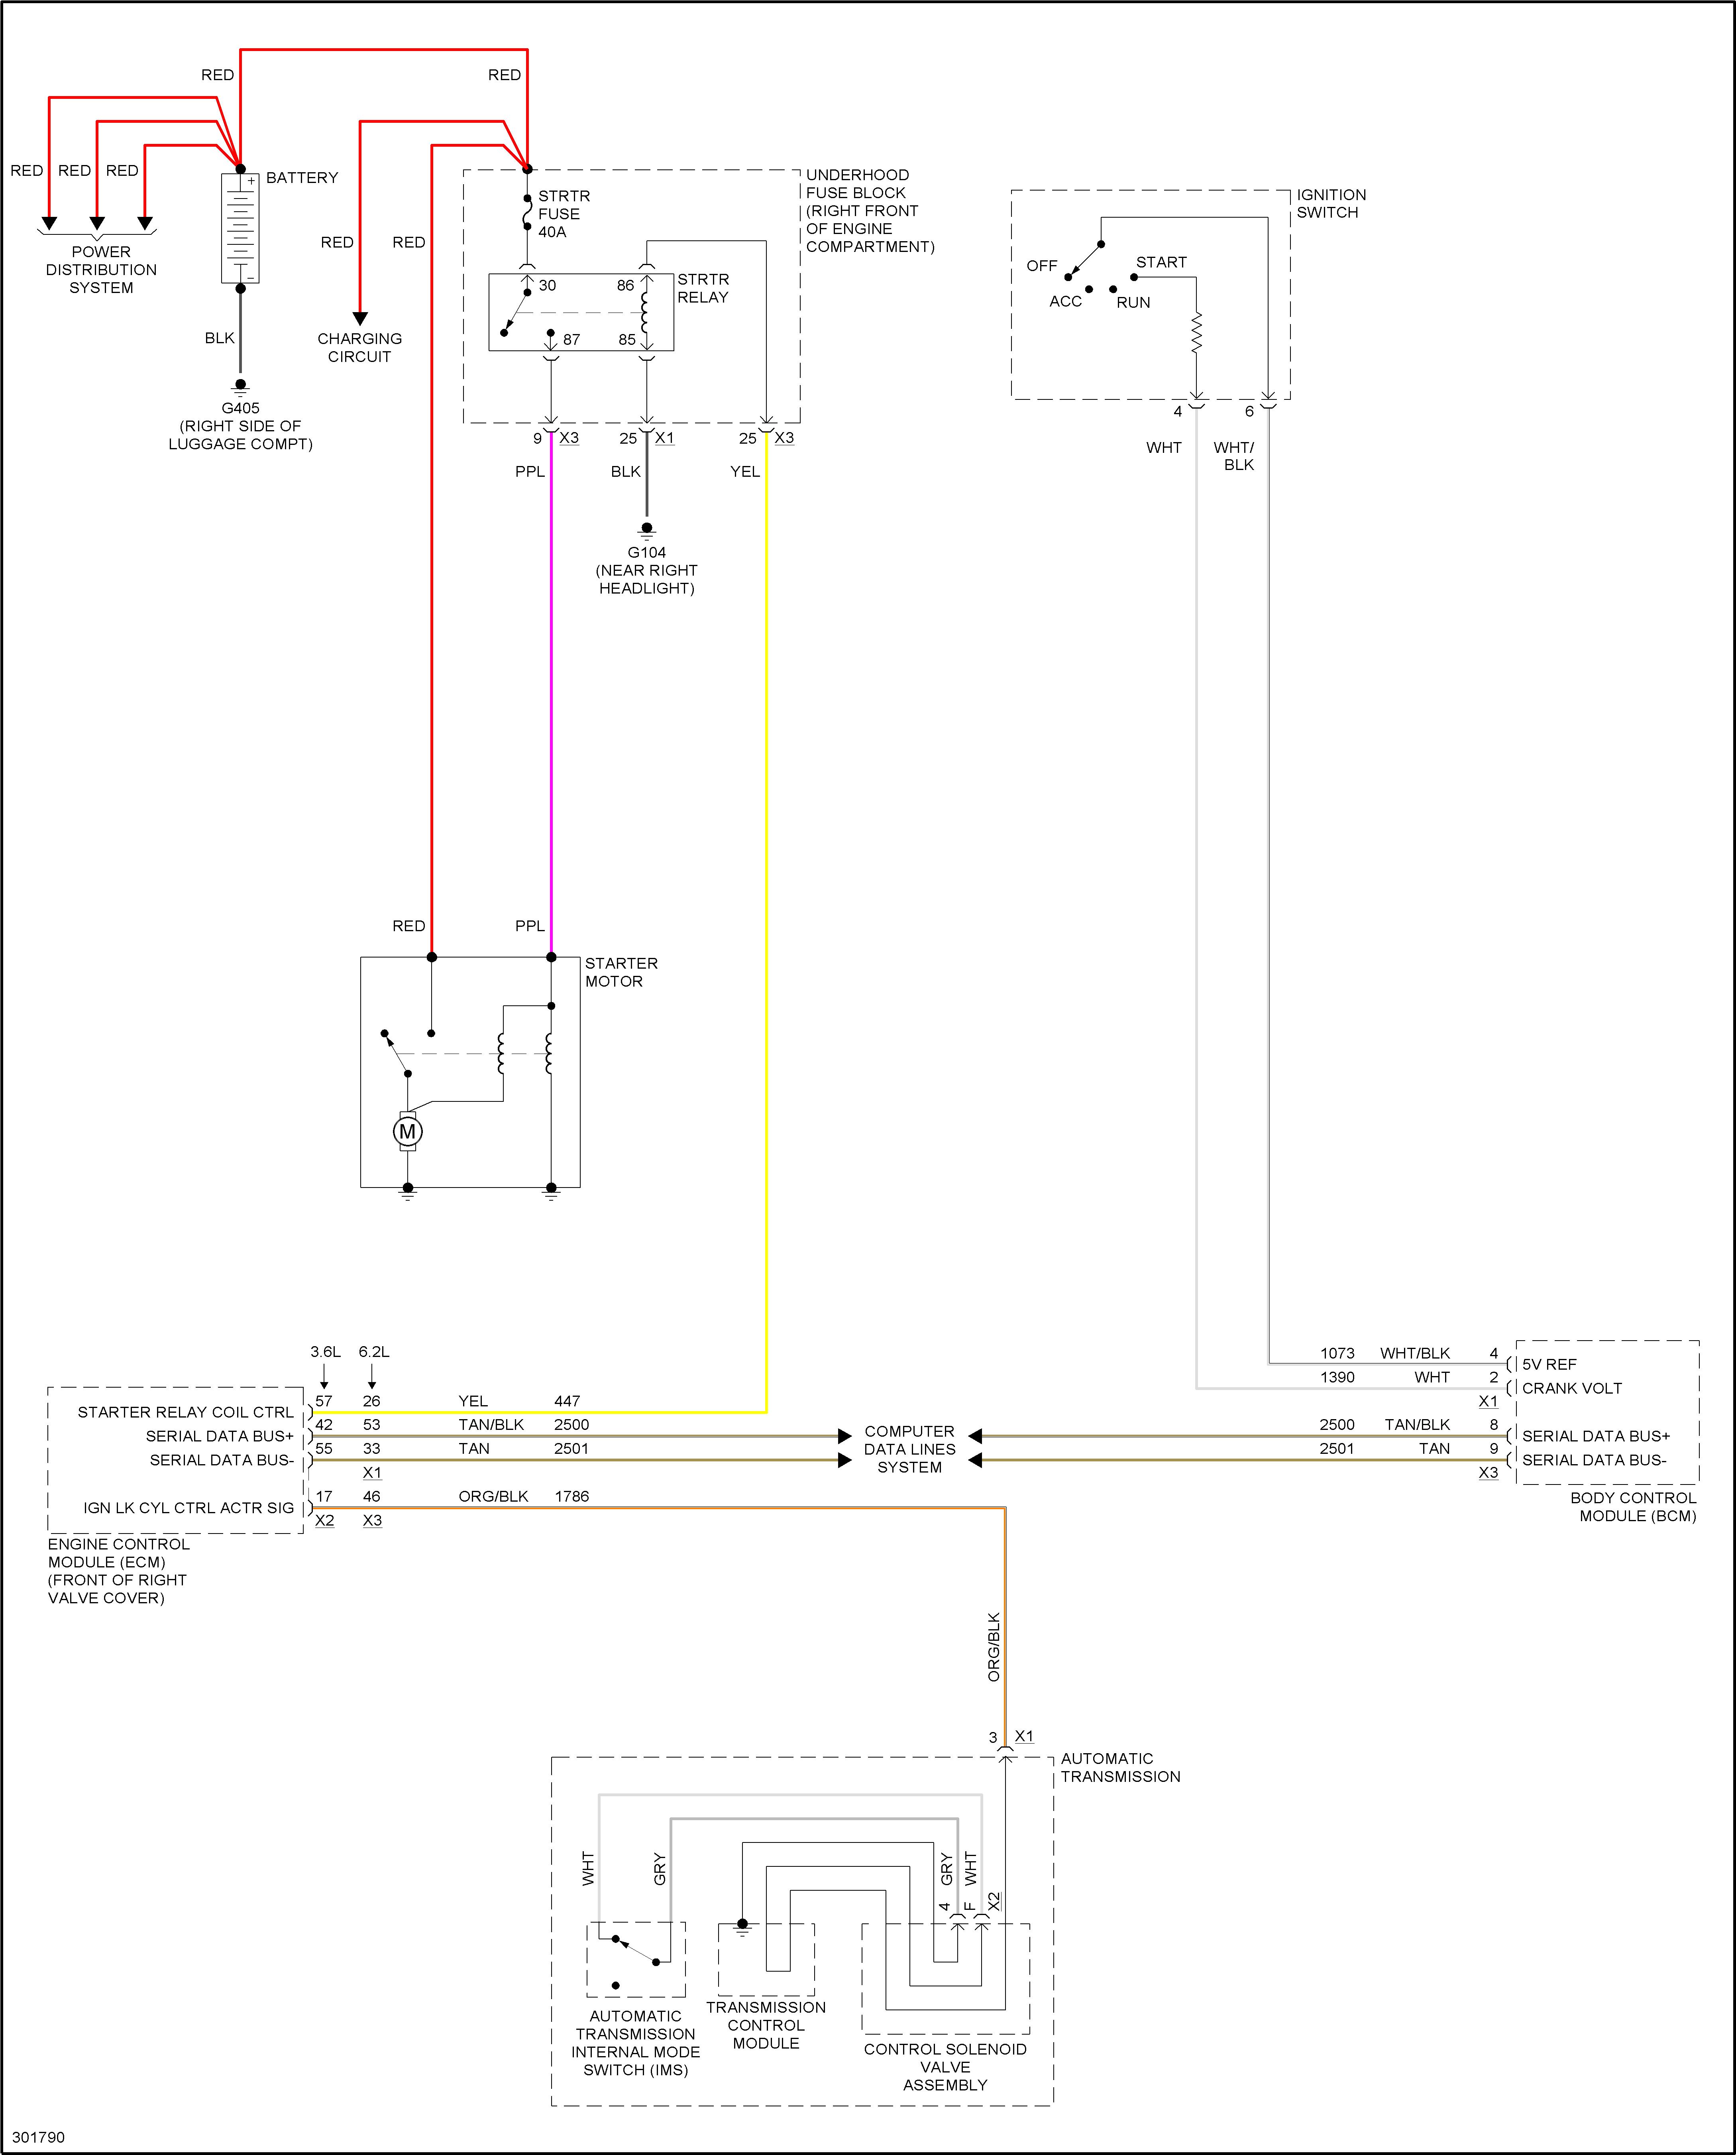 3db9902e-ef81-4bd6-a133-cd0e3eb6cb1a_1.png